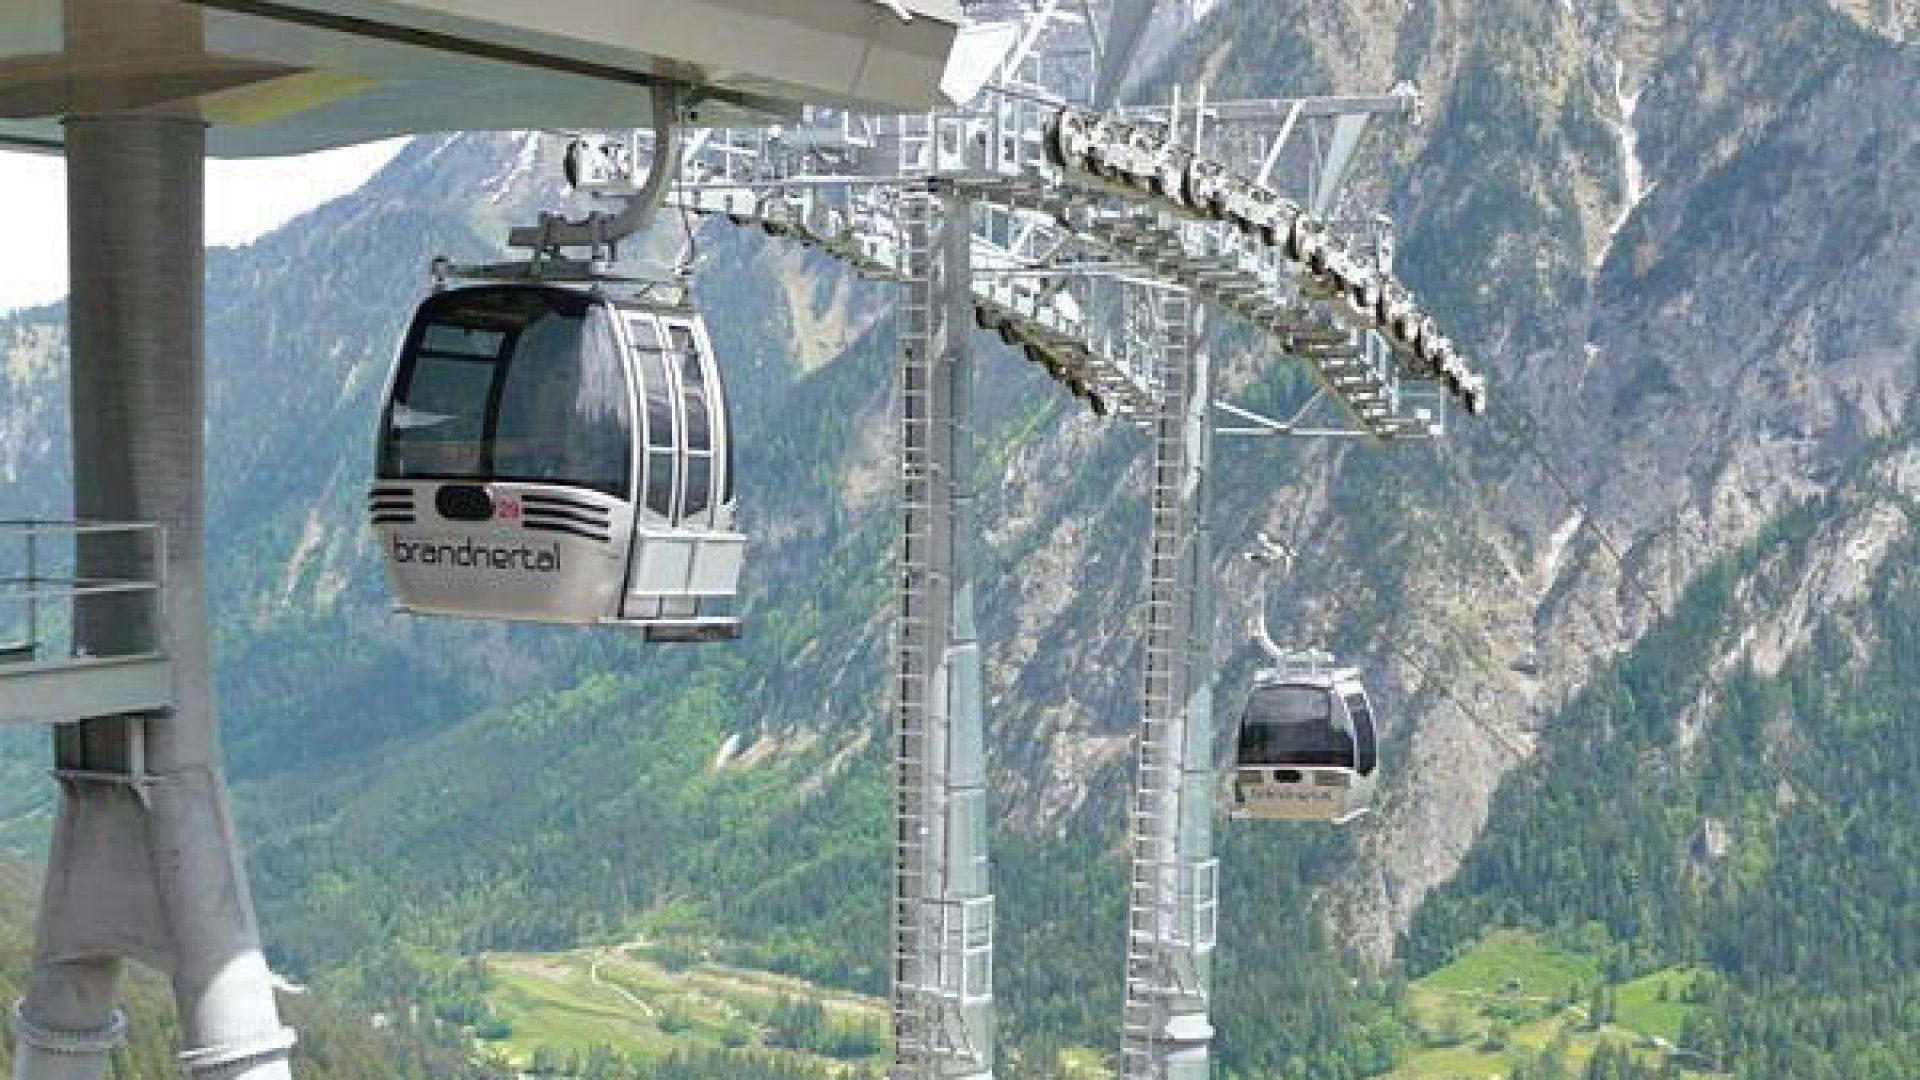 Dorfbahn Bergstation